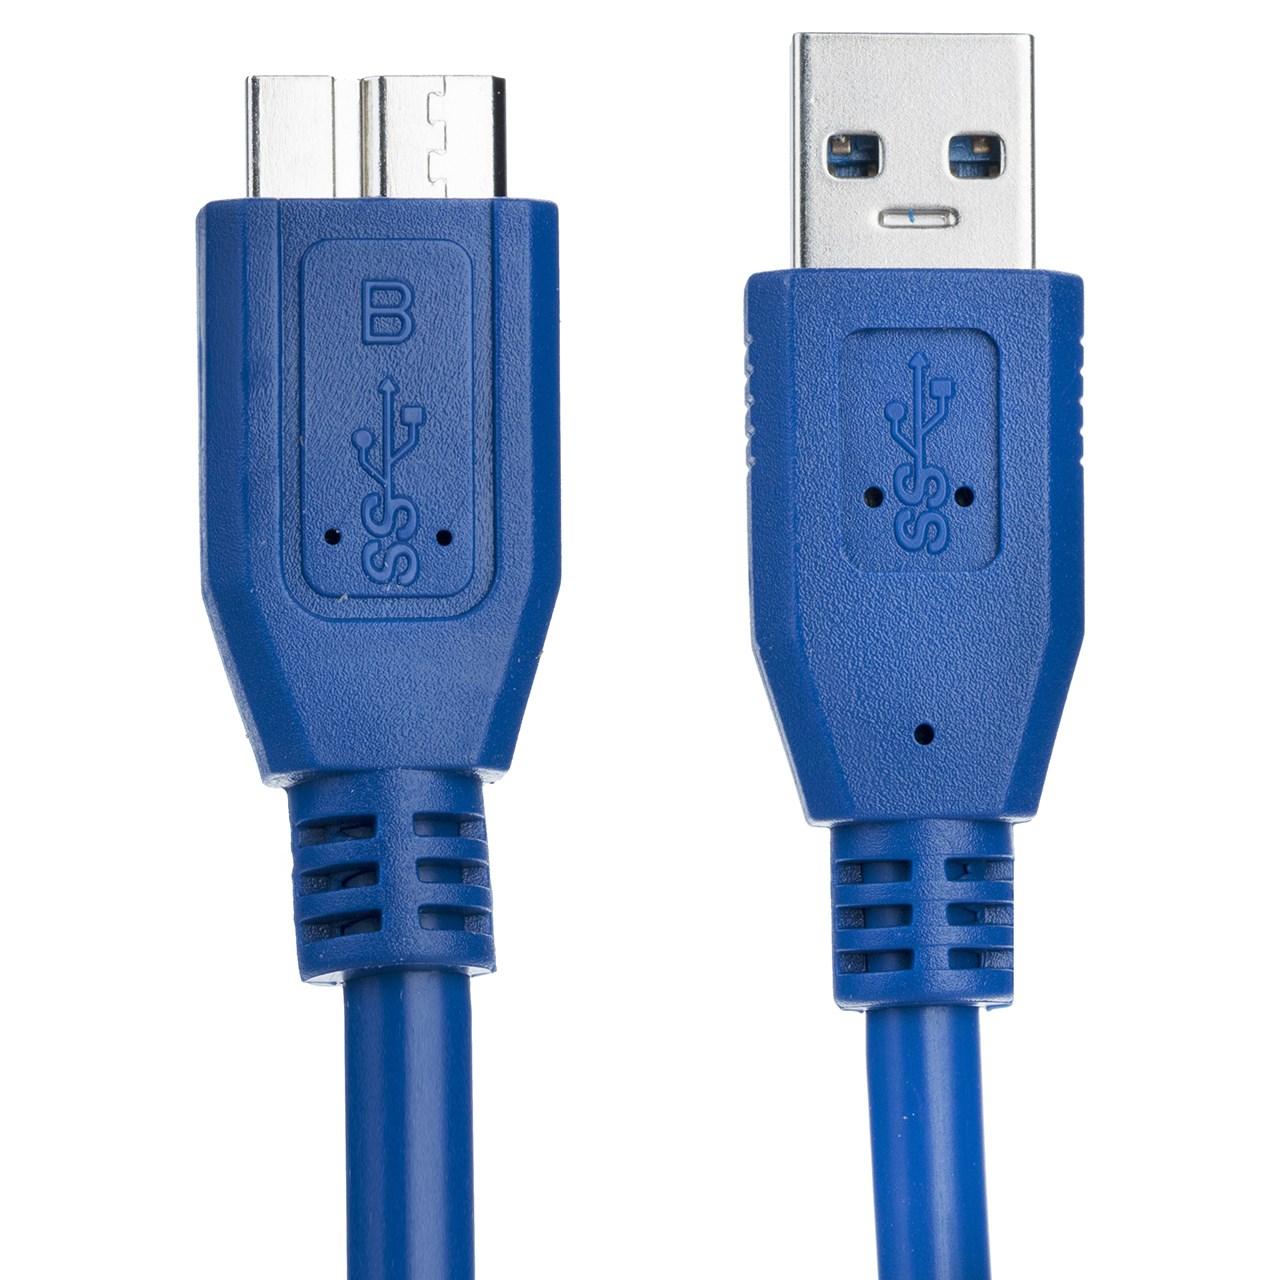 کابل تبدیل USB به micro-B پی نت مدل AM/HDD طول 1.5 متر